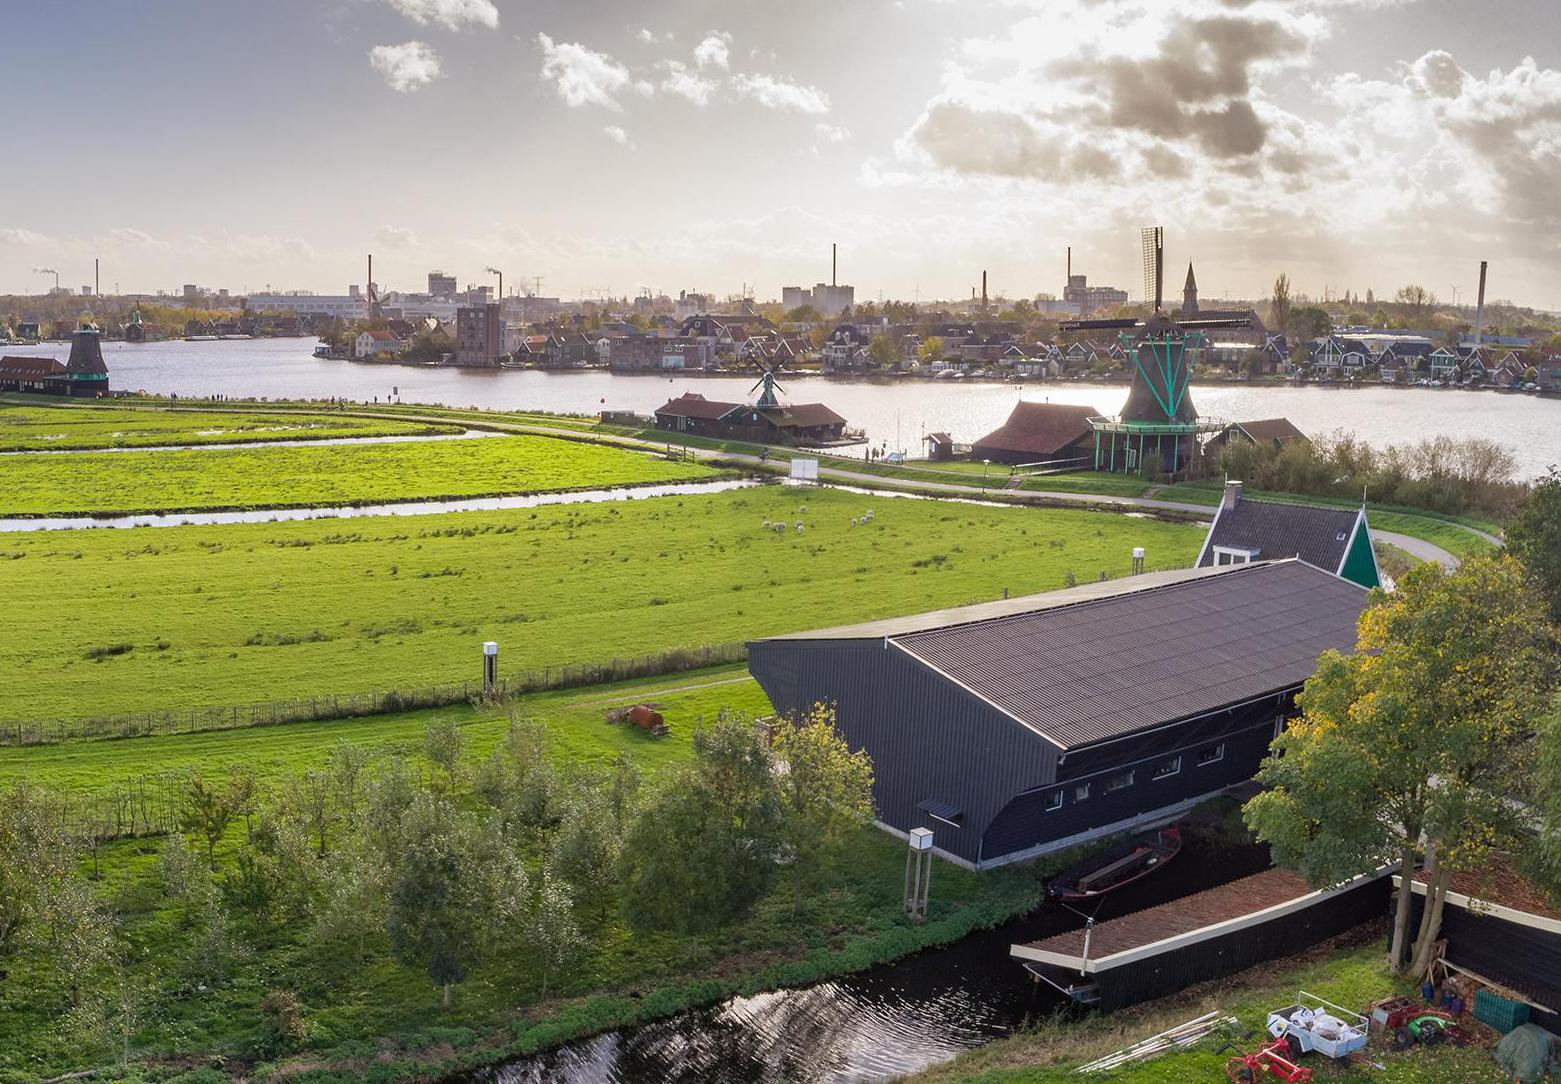 Nieuw Molenmuseum op Zaanse Schans opent op 31 juli: 'Molens onlosmakelijk verbonden met de Zaanstreek'